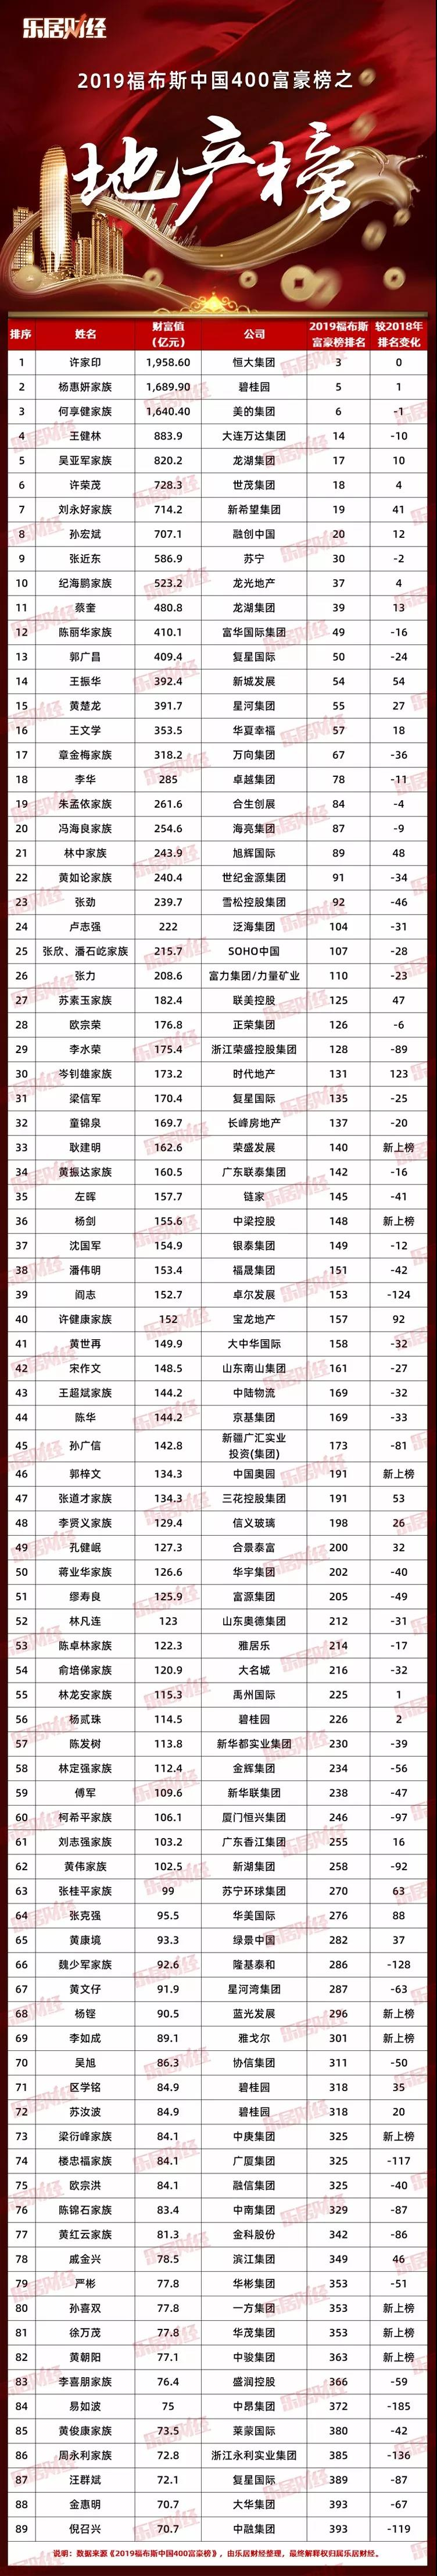 2019福布斯地产富豪榜:许家印蝉联榜首、王健林财富缩水682亿